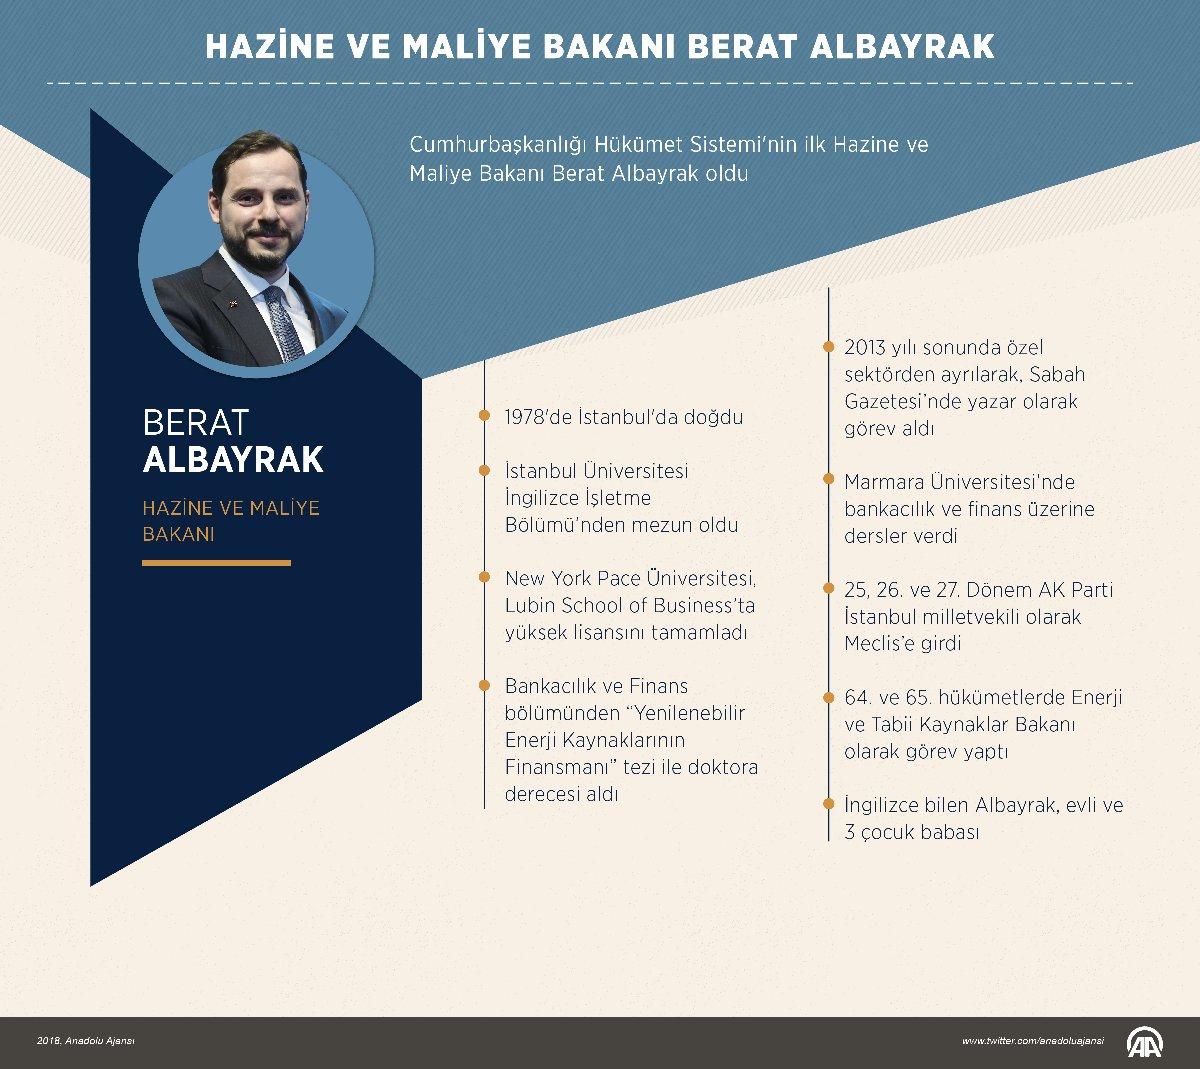 albayrak22